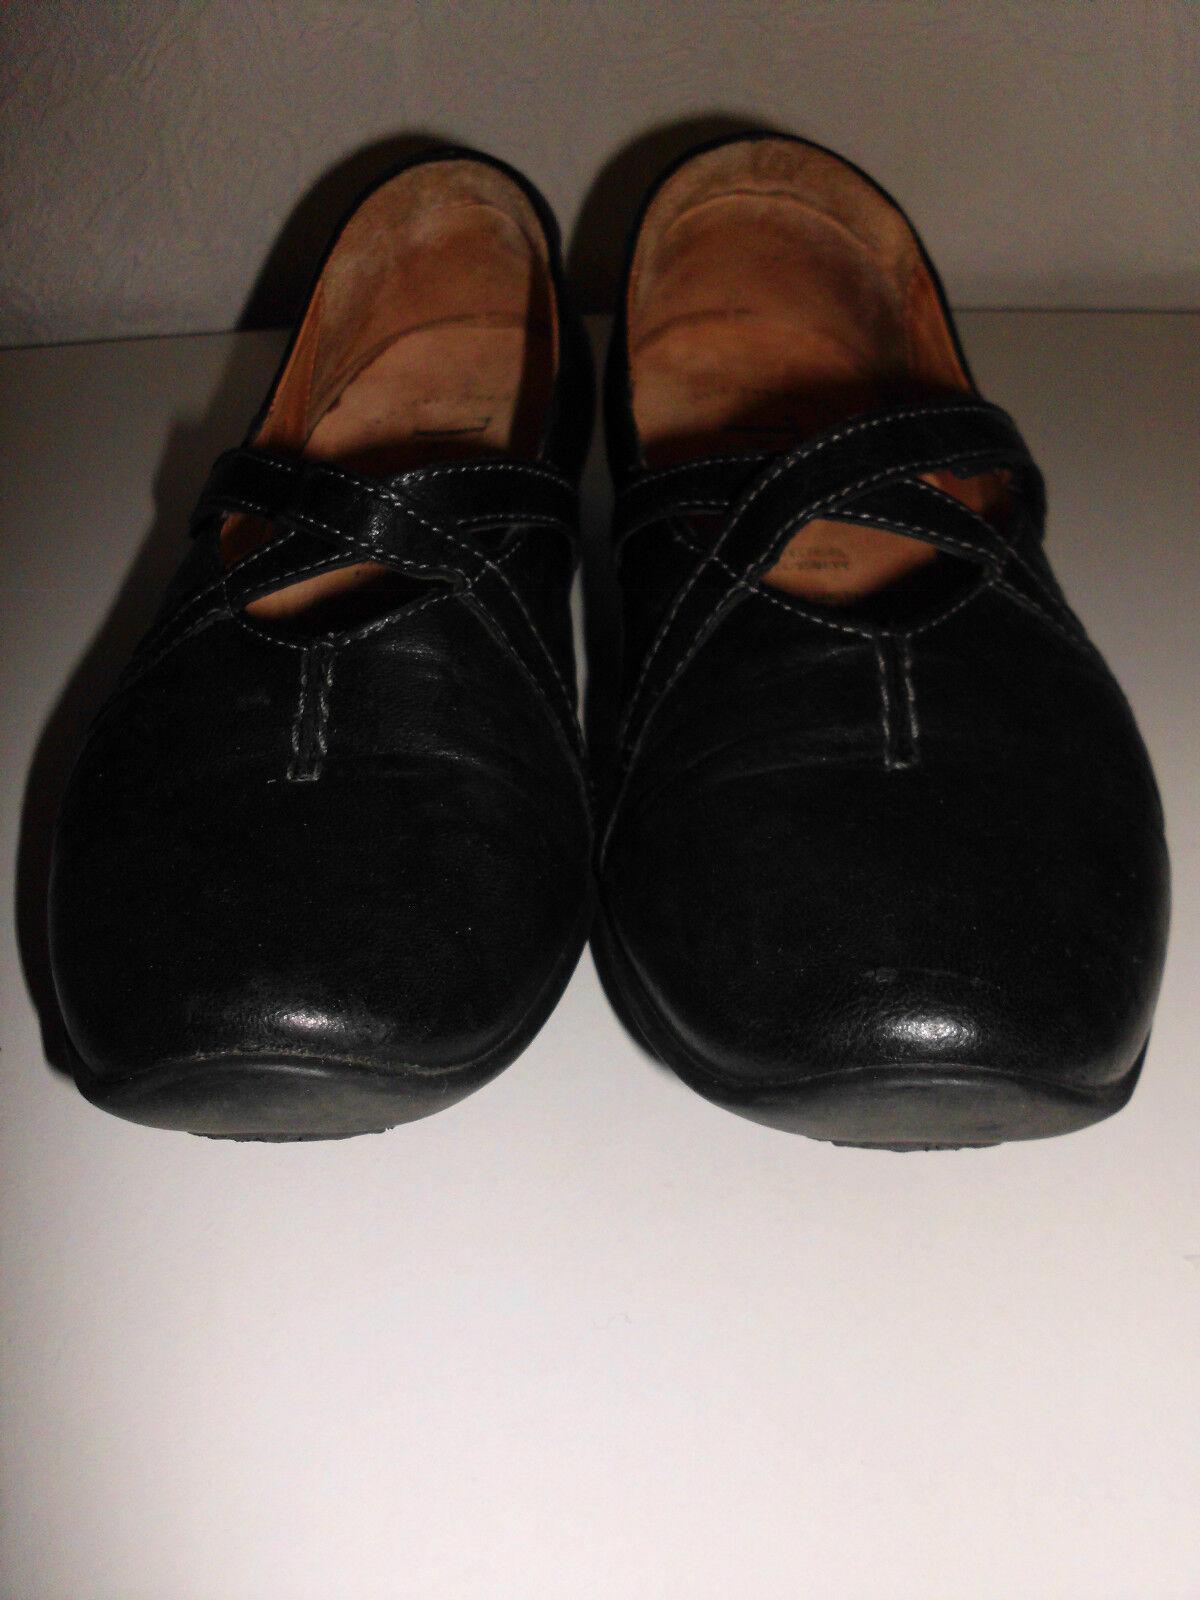 THINK Ballerinas   traumhafte Riemchen Ballerinas THINK in Schwarz Größe 38 top Zustand 103b7f